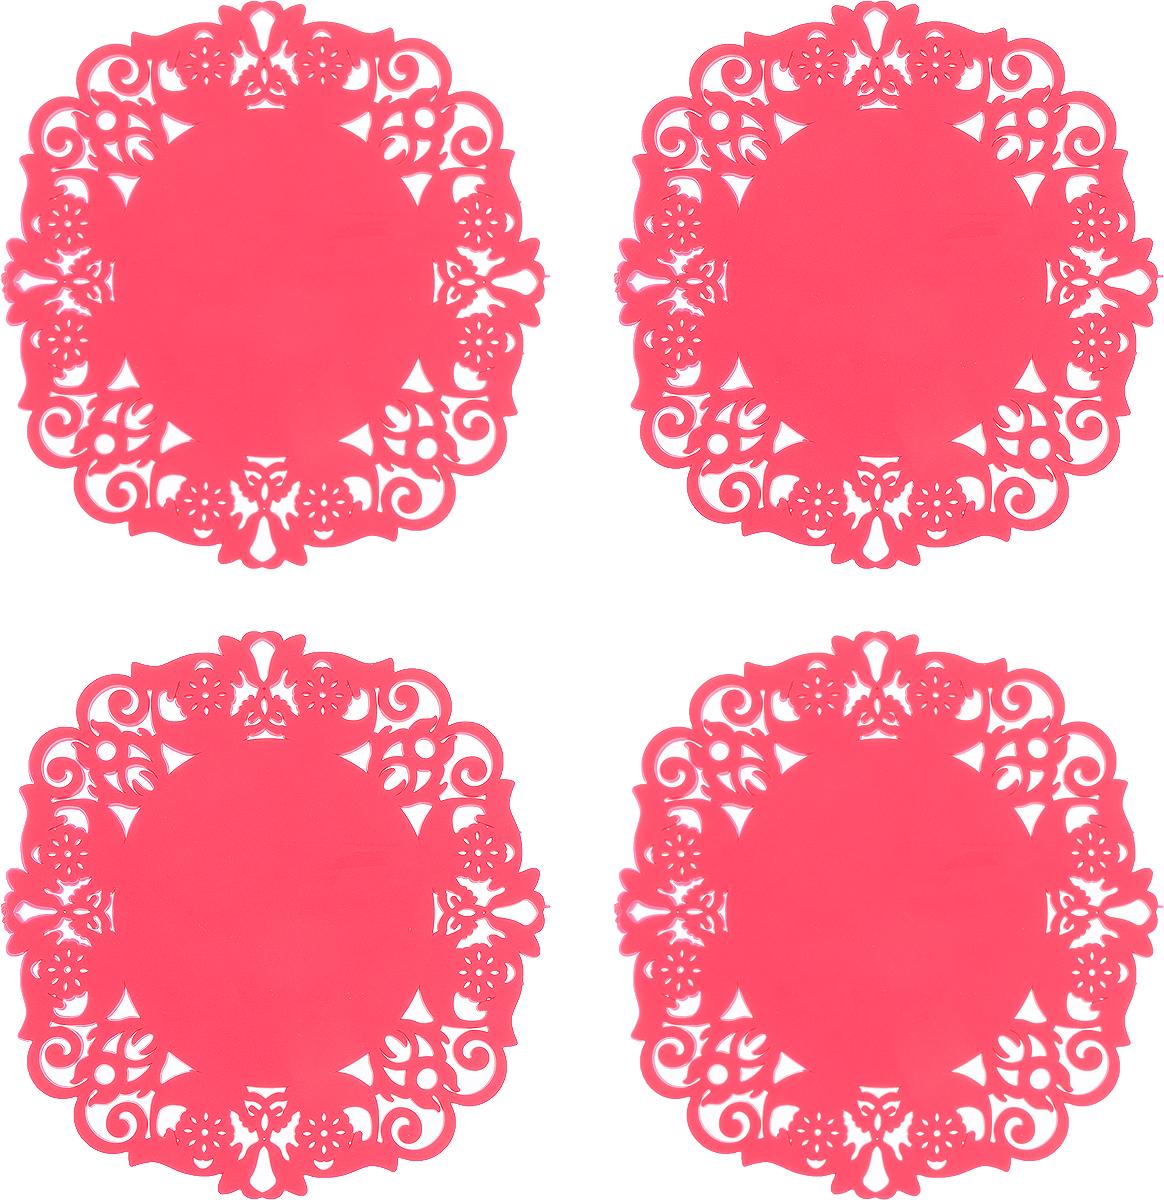 Набор подставок под горячее Доляна Чаепитие, цвет: малиновый, диаметр 10 см, 4 шт812066_малиновыйНабор Доляна Чаепитие состоит из 4 силиконовых подставок под горячее.Силиконовая подставка под горячее - практичный предмет, который обязательно пригодится в хозяйстве. Изделие поможет сберечь столы, тумбы, скатерти и клеёнки от повреждения нагретыми кружками с горячим напитком, чайниками и тарелками.